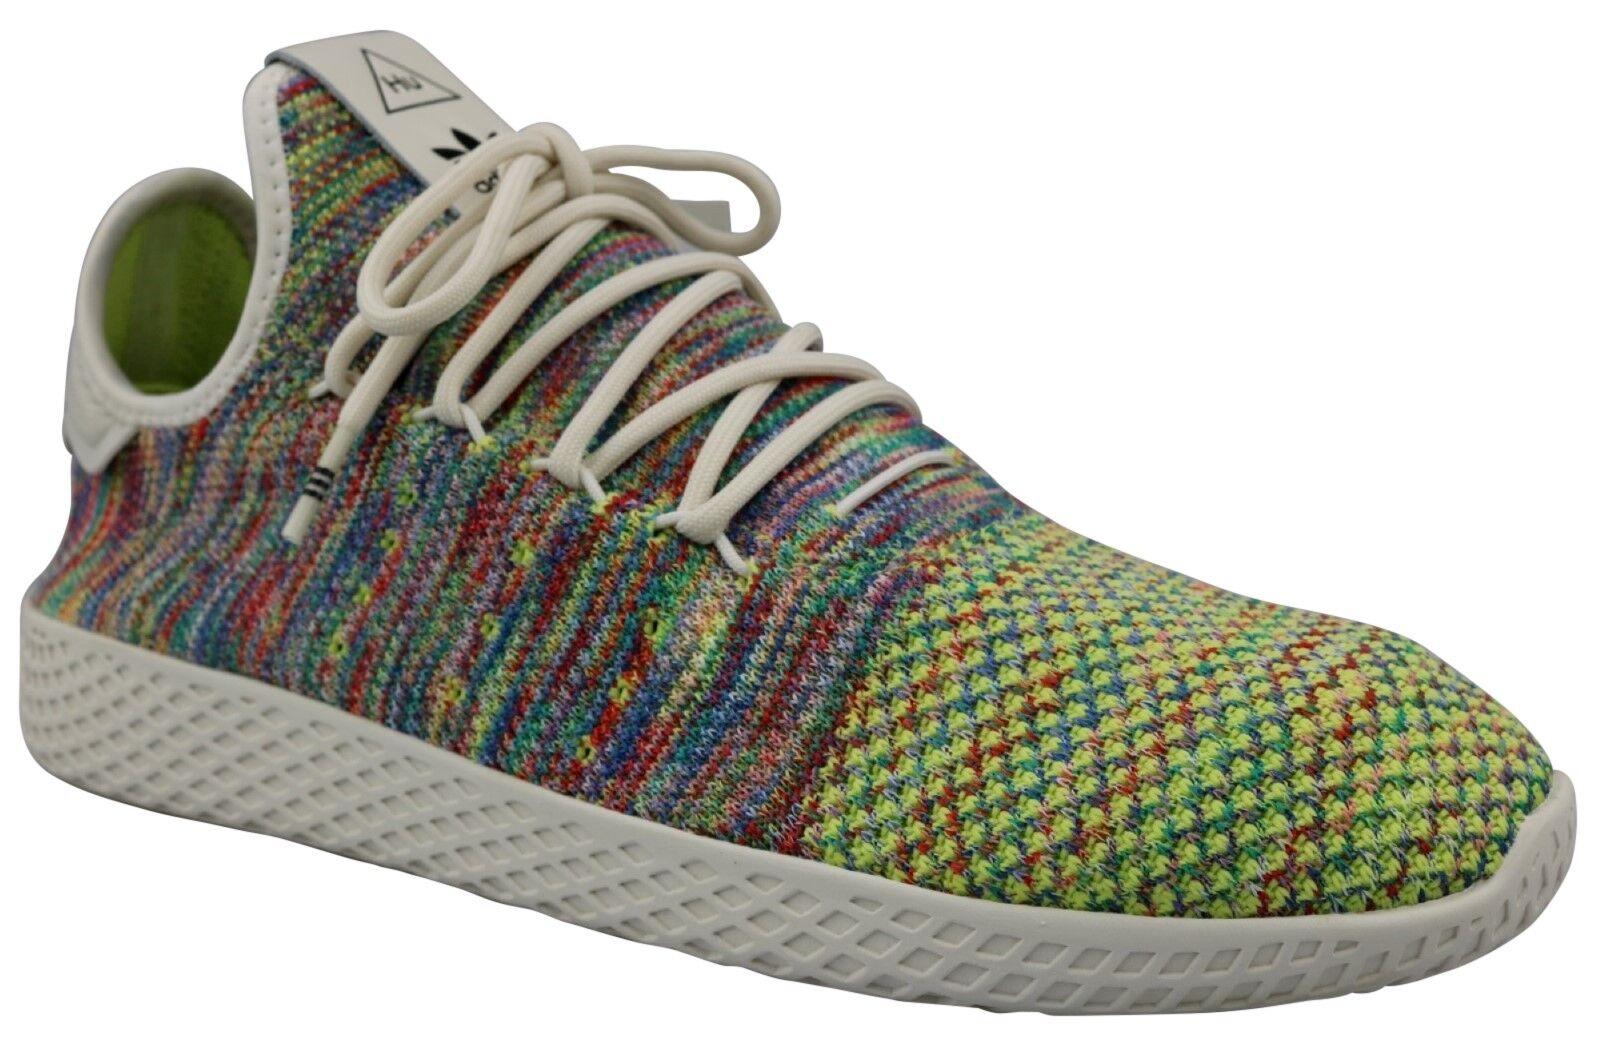 Adidas Pharrell Williams tenis hu primeknit zapatillas cq2631 talla & 36  46 nuevo & talla OVP dd66fb